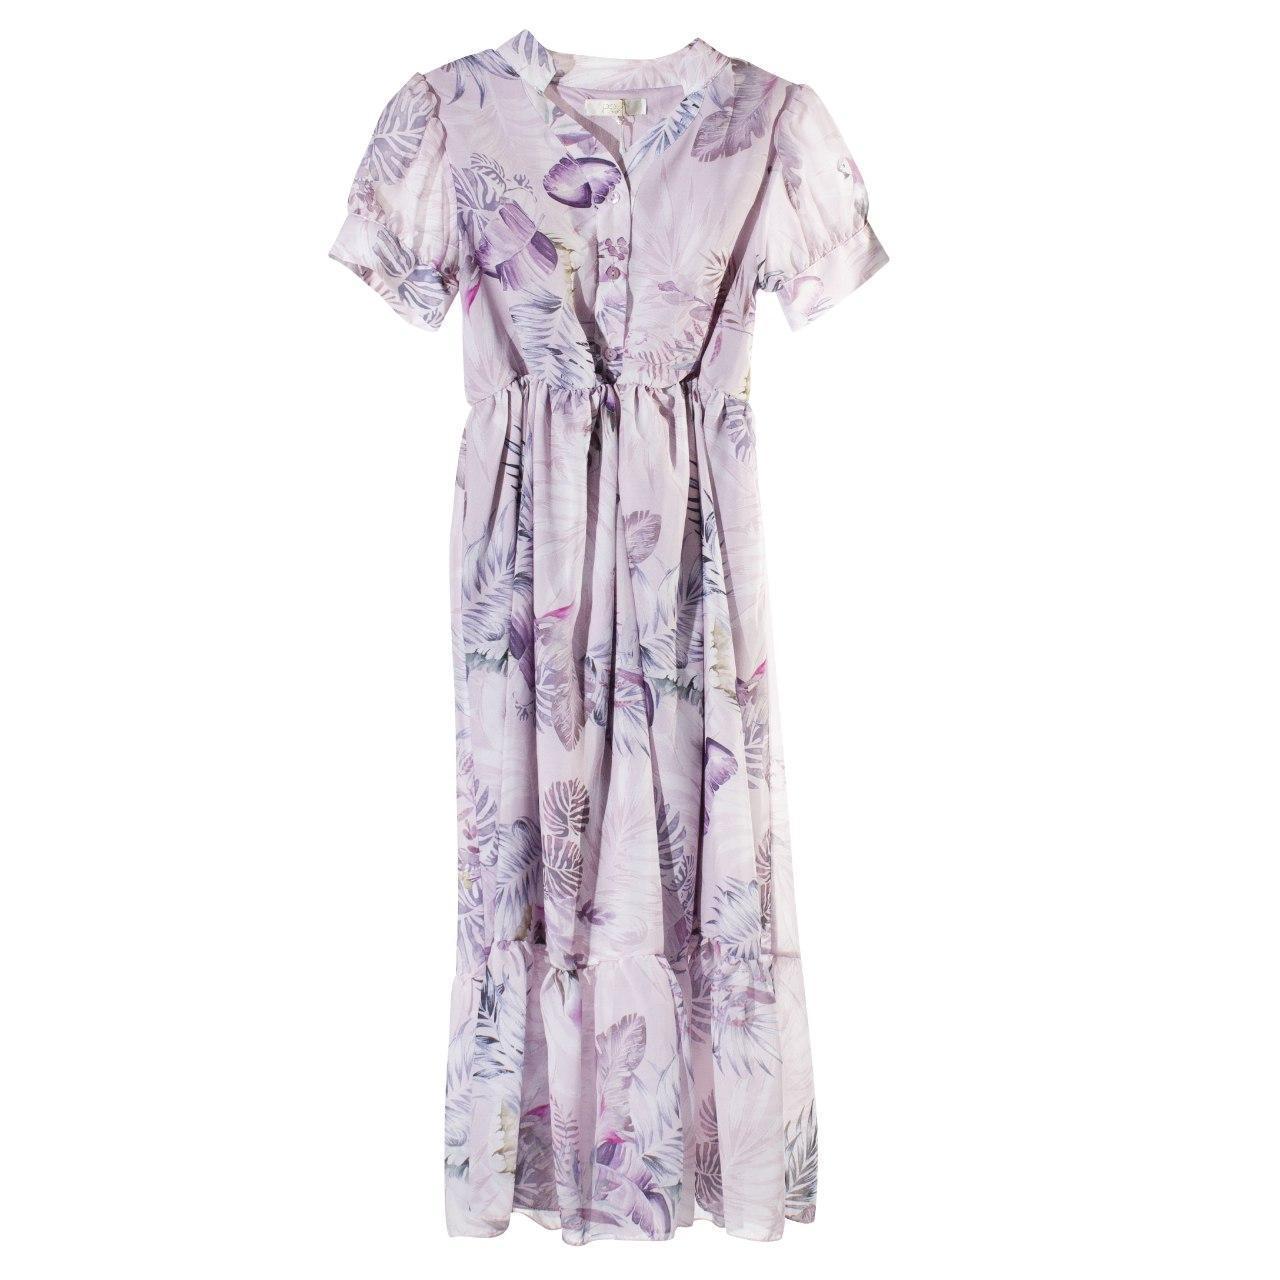 Шифонова сукня для дівчинки, розмір 8, 9, 10, 12 років